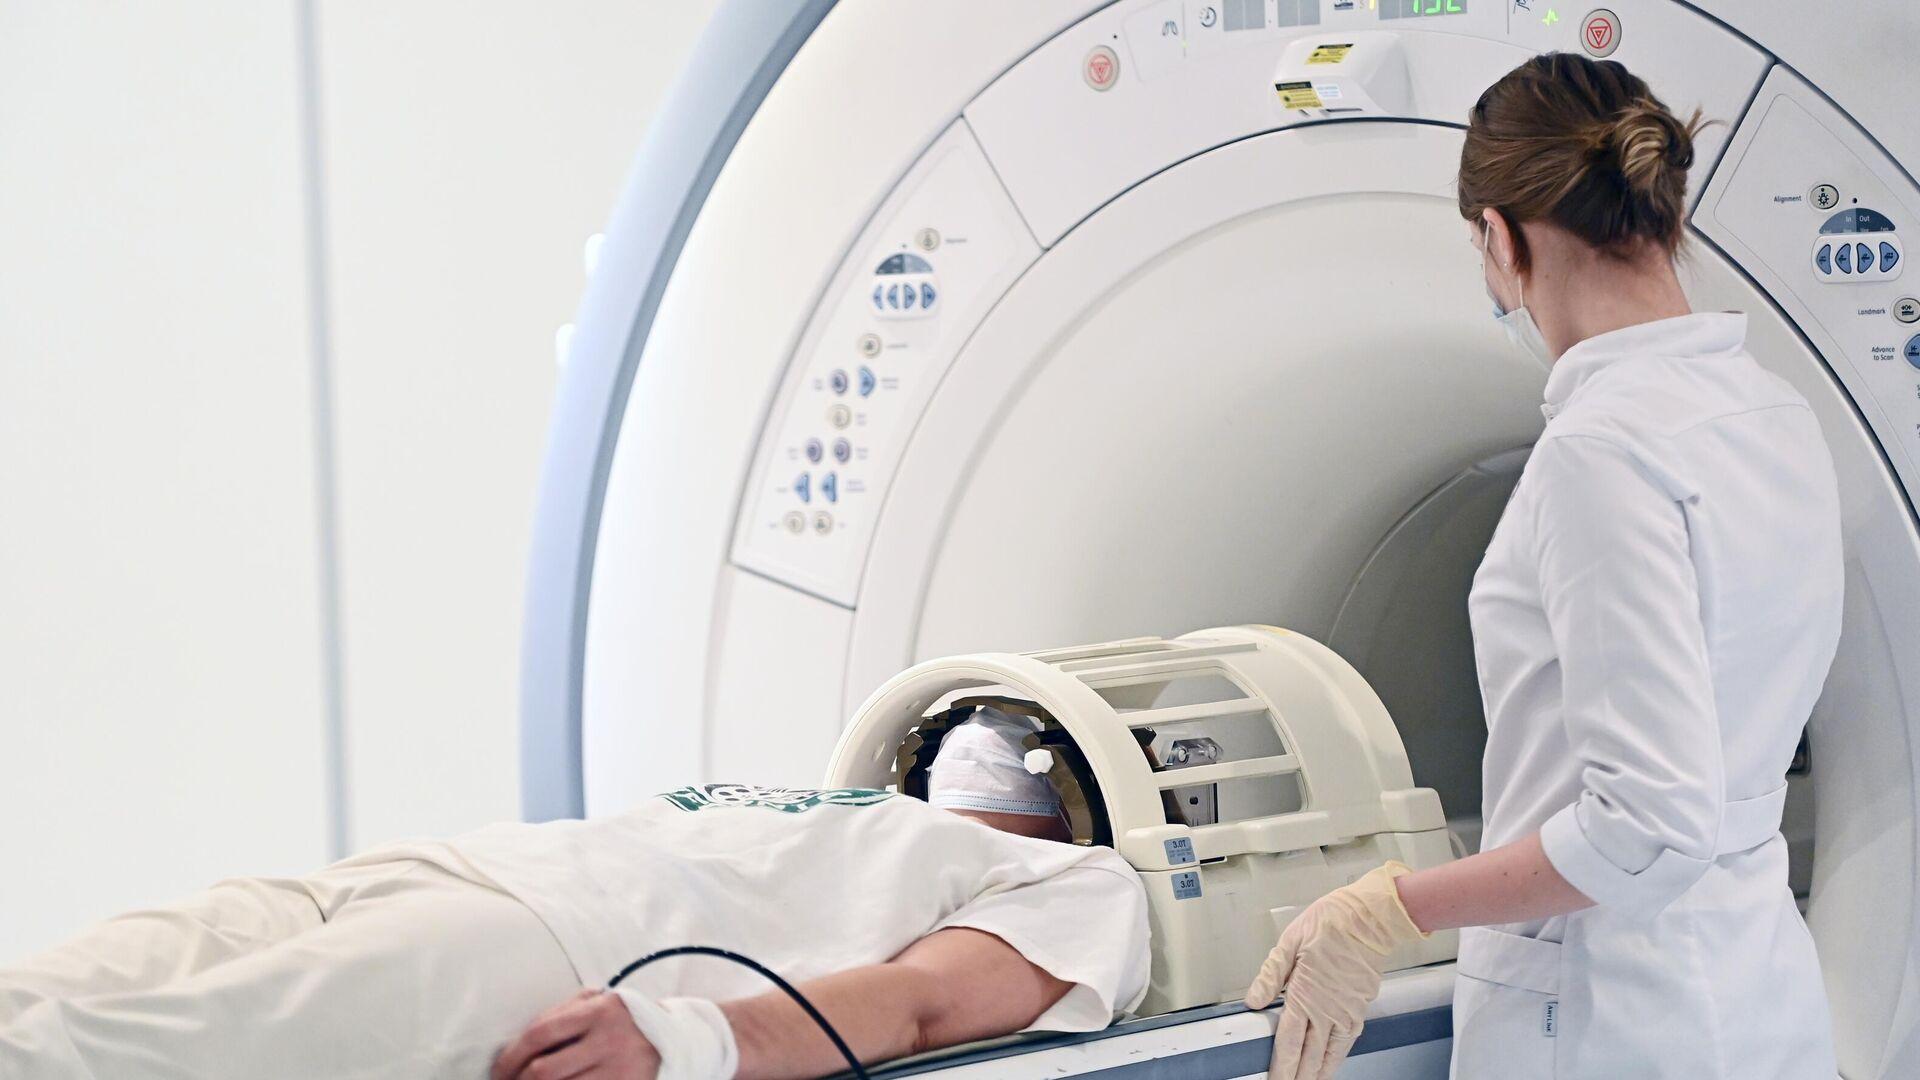 Пациент проходит обследование с помощью аппарата магнитно-резонансной томографии - РИА Новости, 1920, 20.05.2021